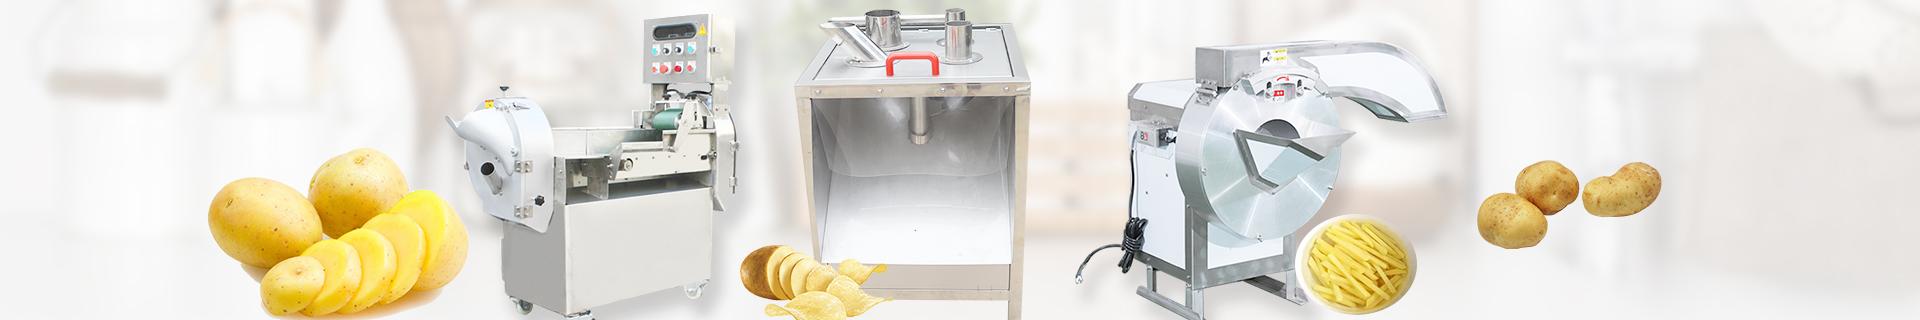 PotatoCuttingMachine-Foodprocessingmachine